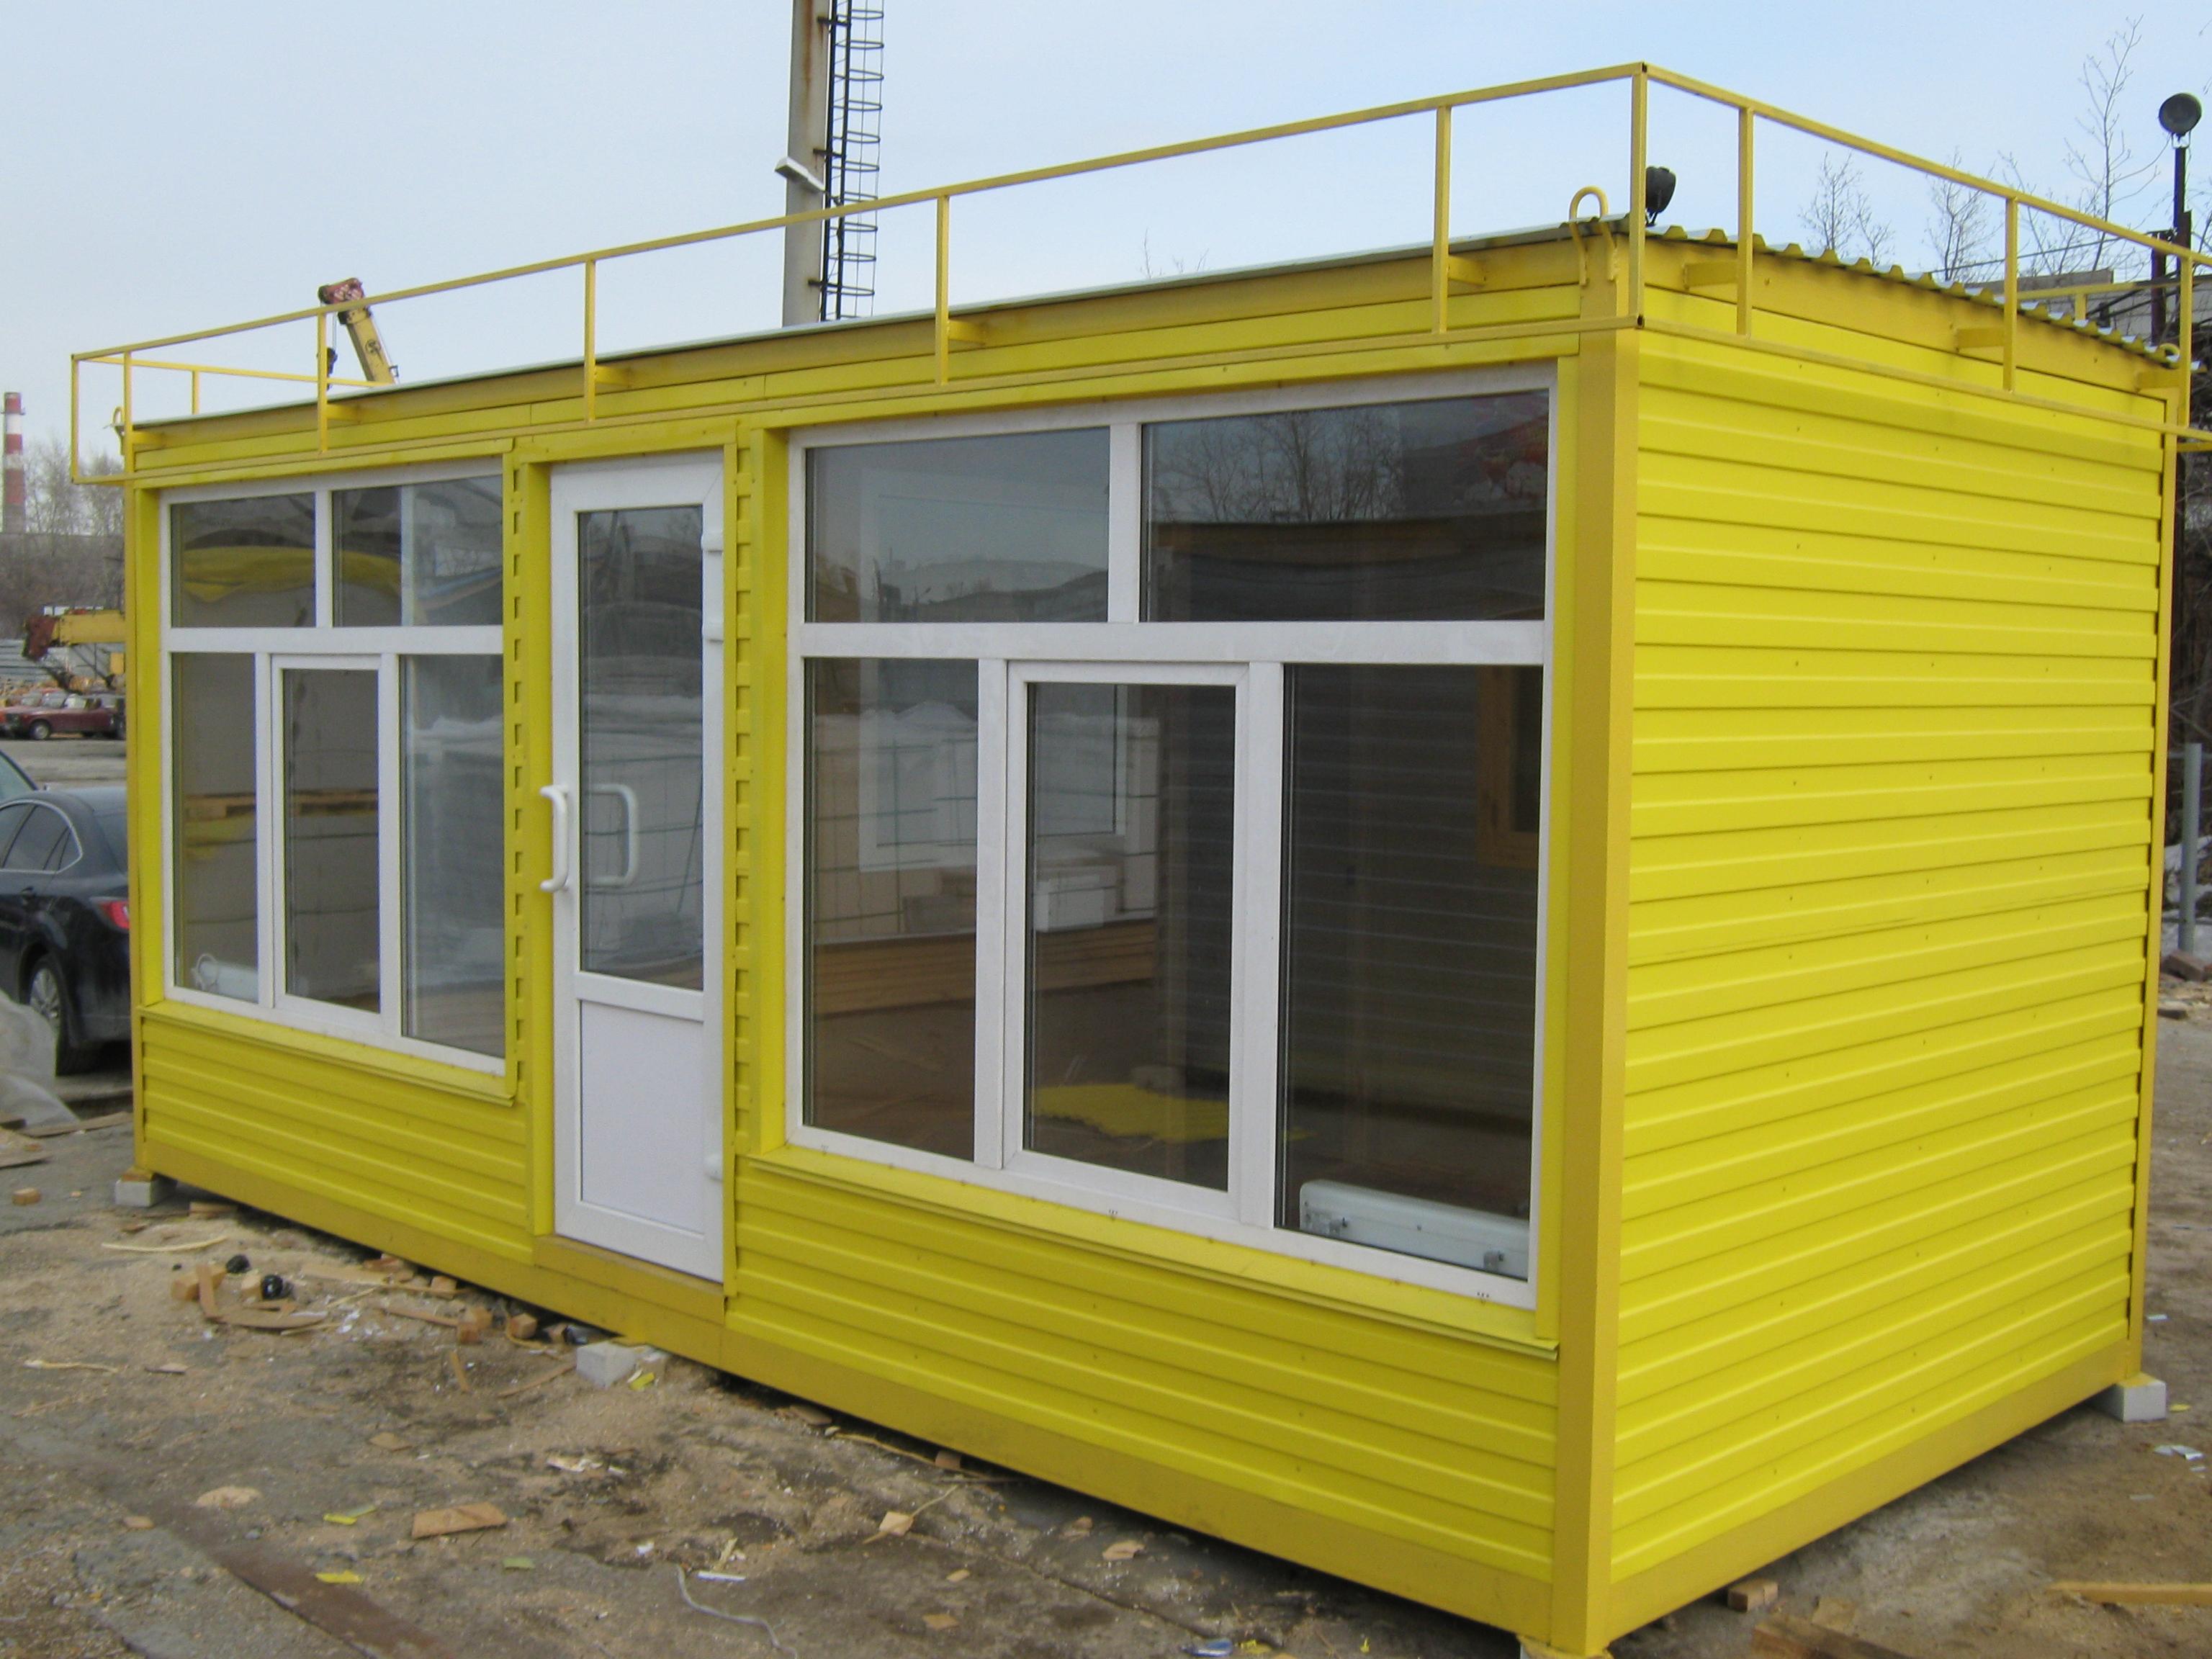 Яркое здание из желтых контейнеров